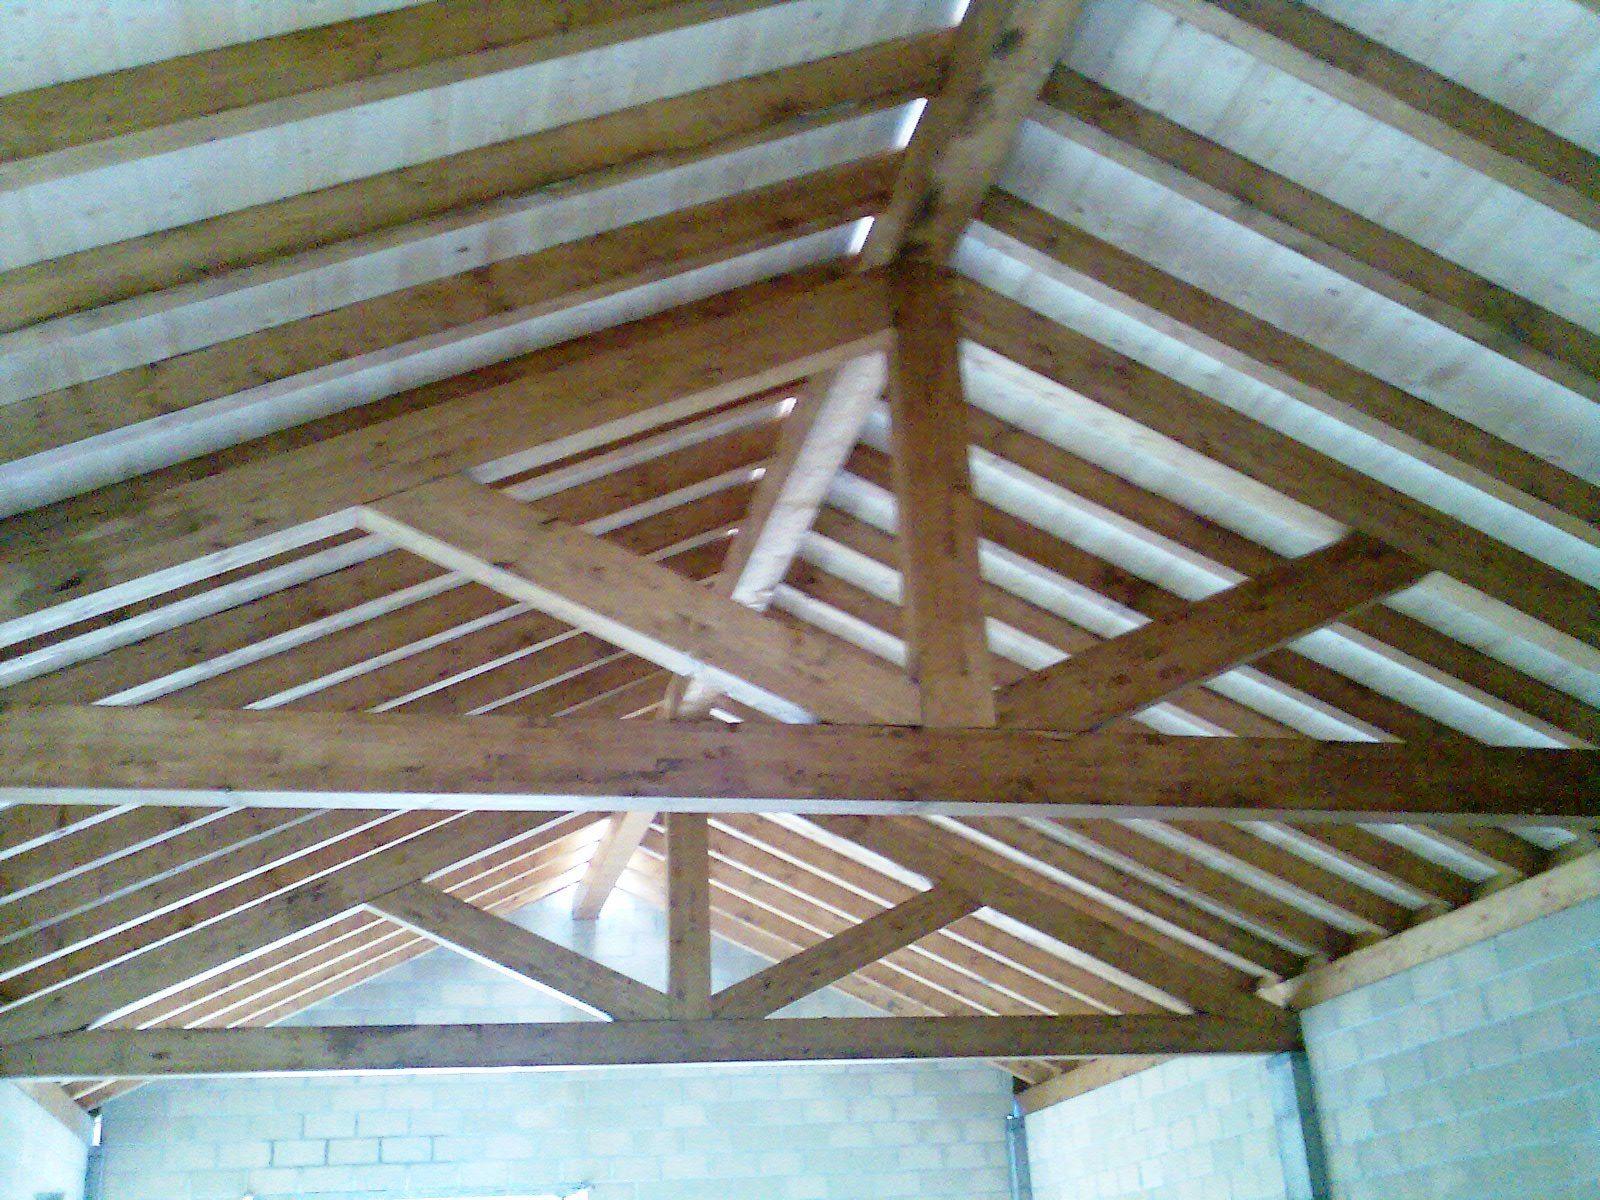 CERCHAS madera para cubiertas - Ask.com Image Search | cerchas ...